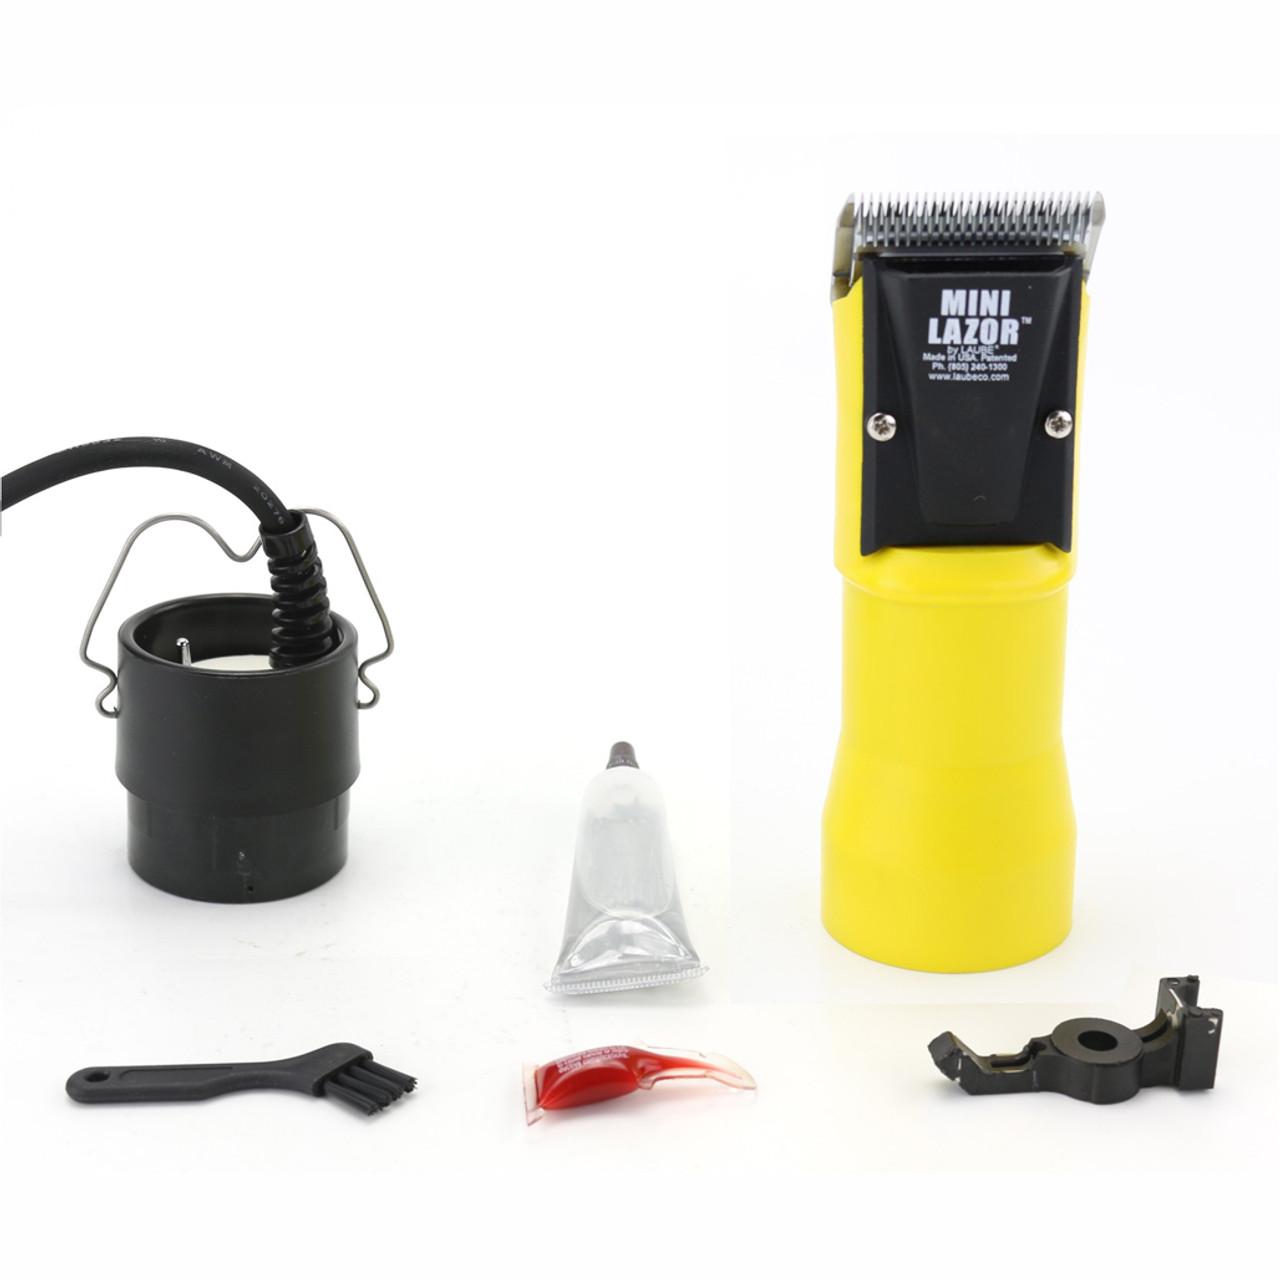 Mini Lazor Variable Speed Kit